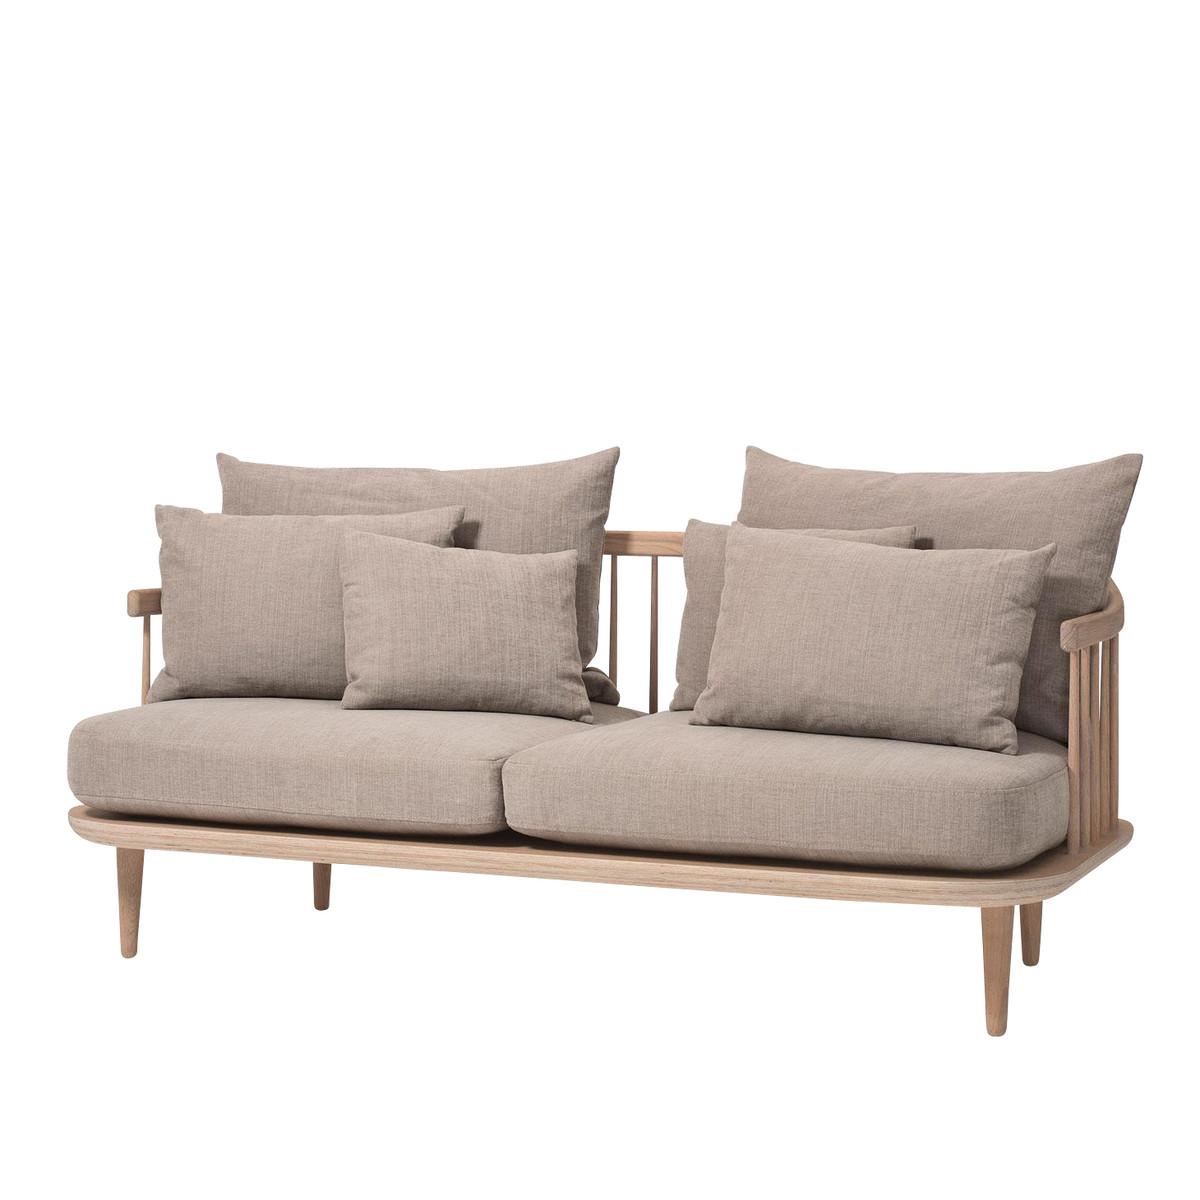 fly sc2 2 sitzer sofa andtradition sofas sitzm bel m bel. Black Bedroom Furniture Sets. Home Design Ideas